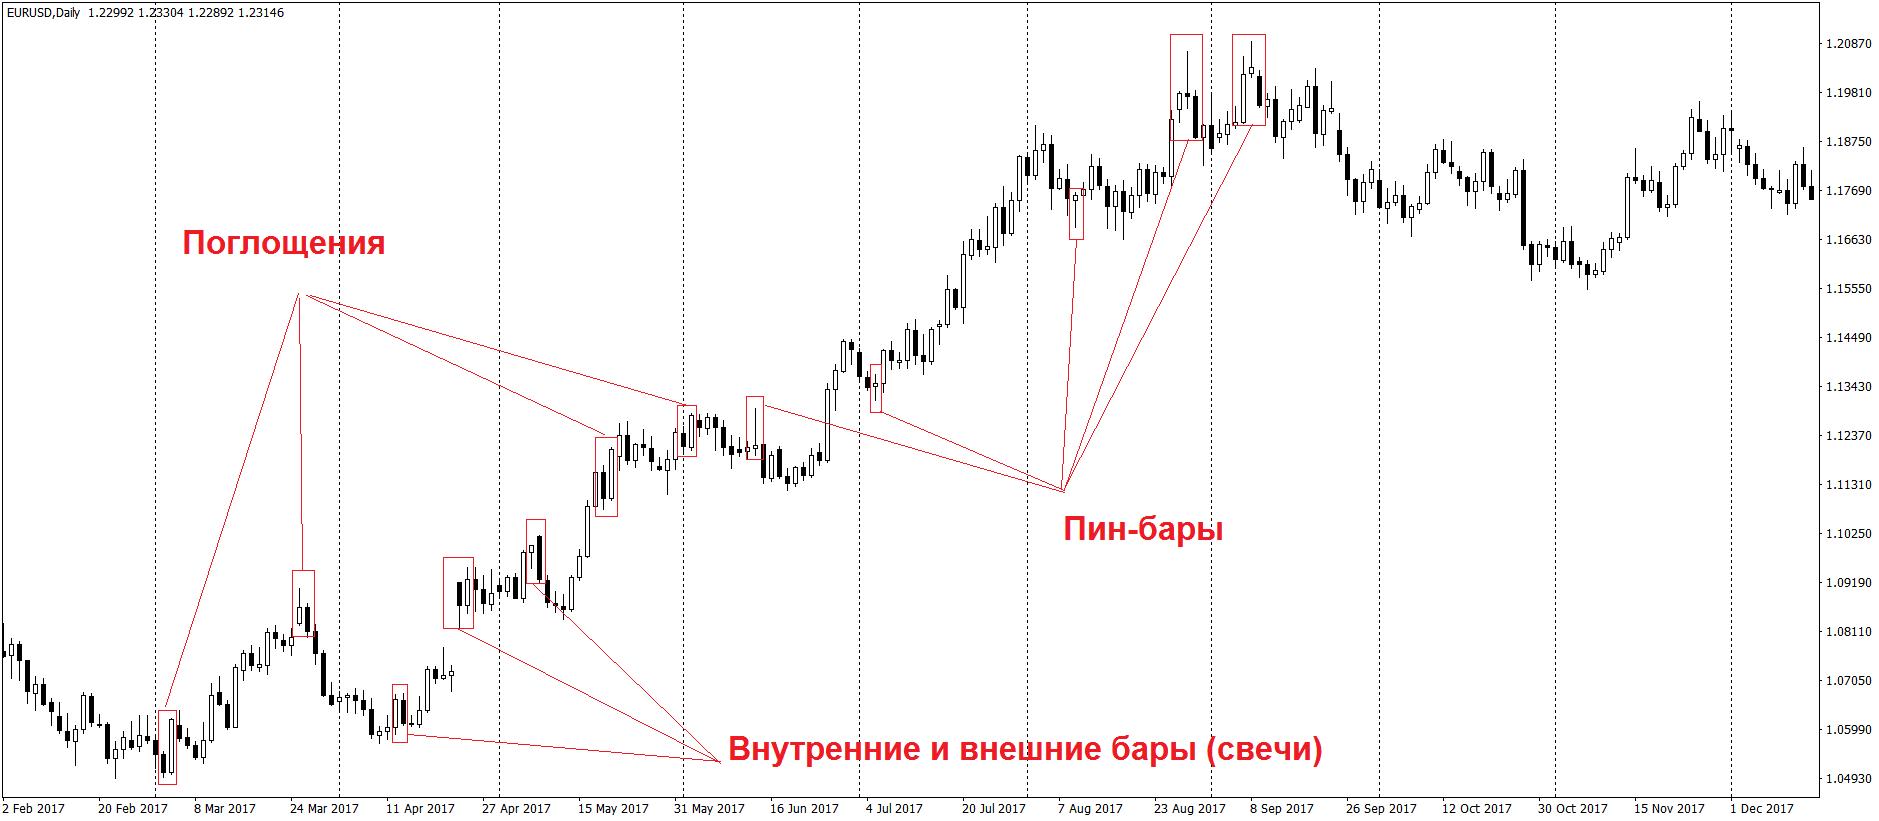 Сетапы Price Action на Форекс графике